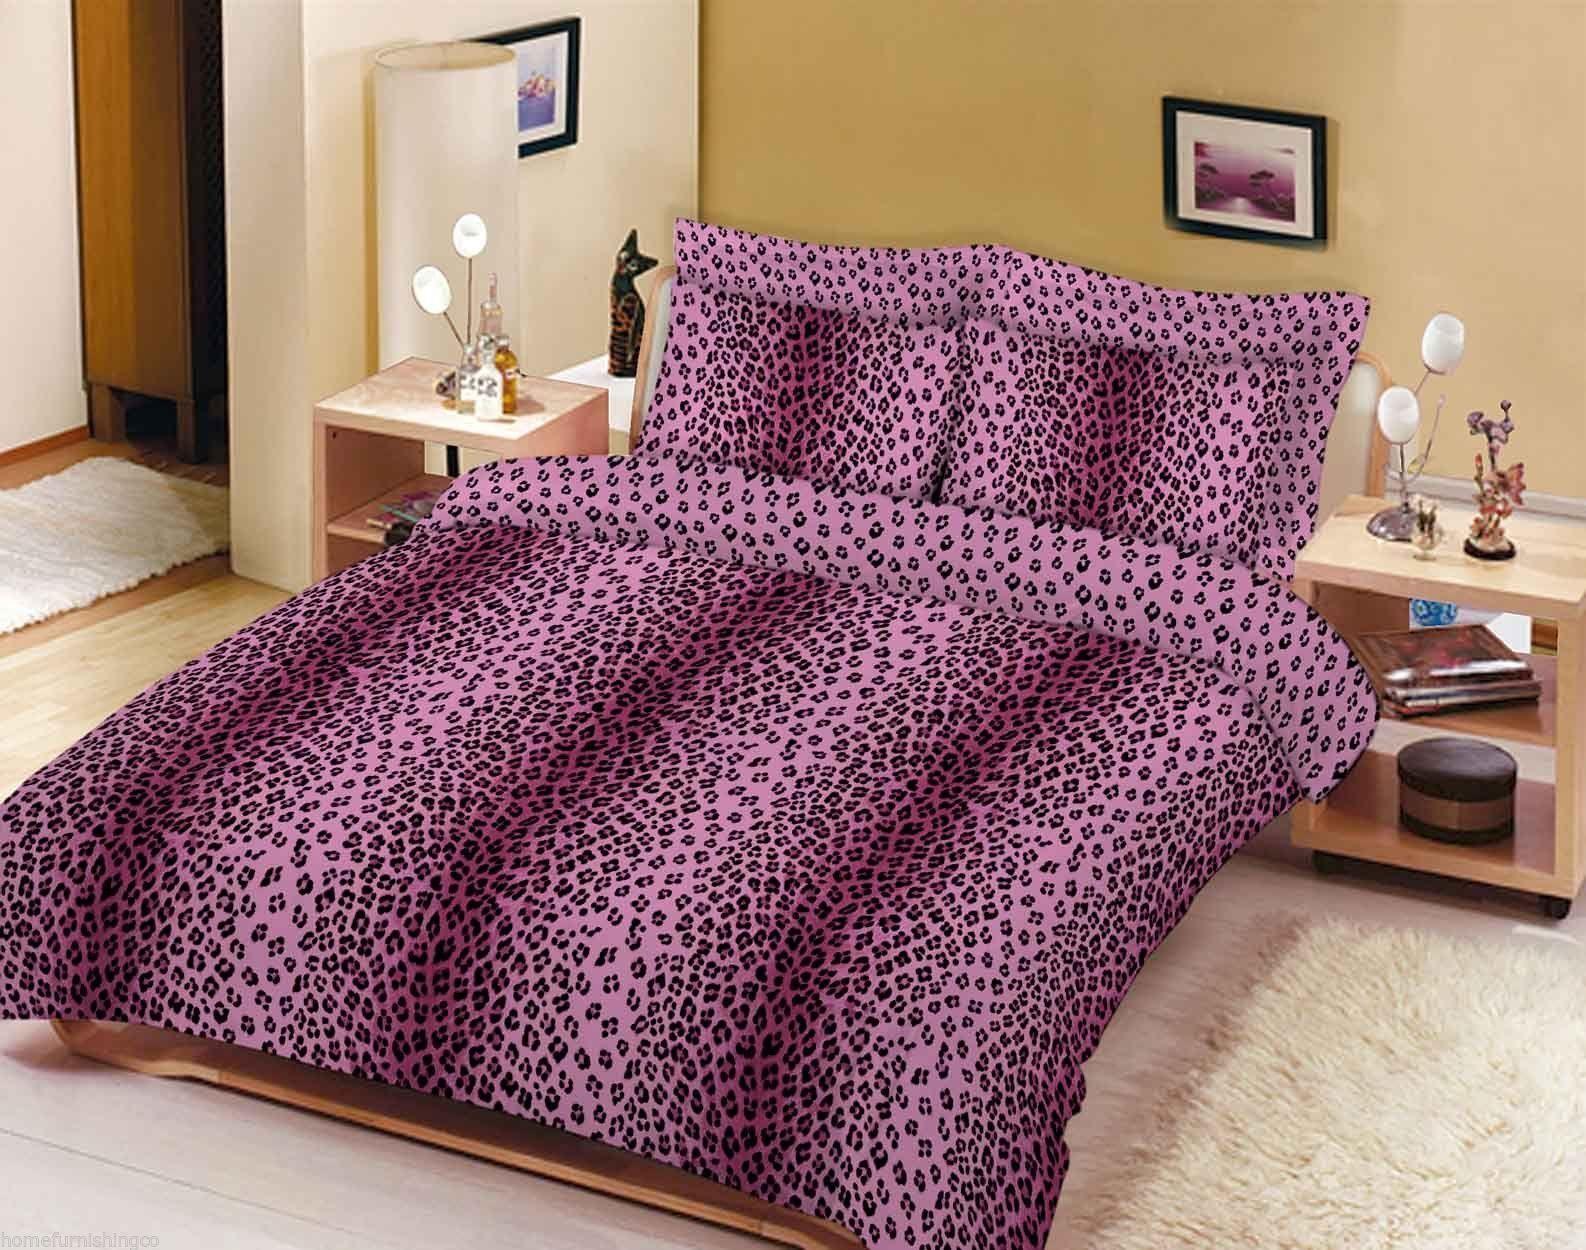 Leopard Duvet Cover Set Wholesale Bedding Store De